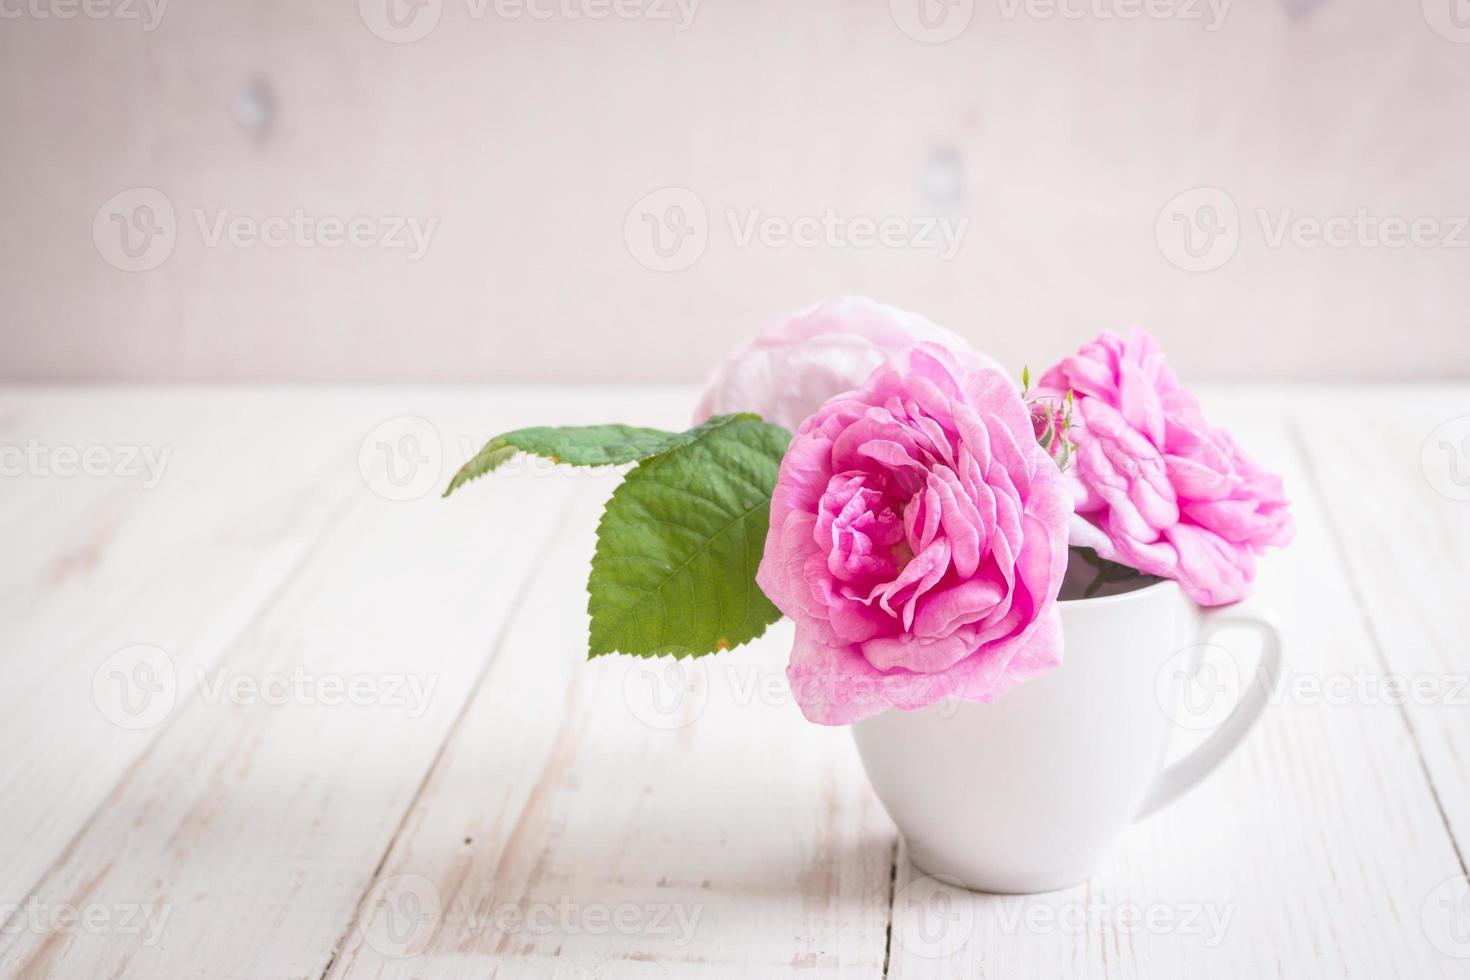 rosa te rosor på en vit trä bakgrund foto